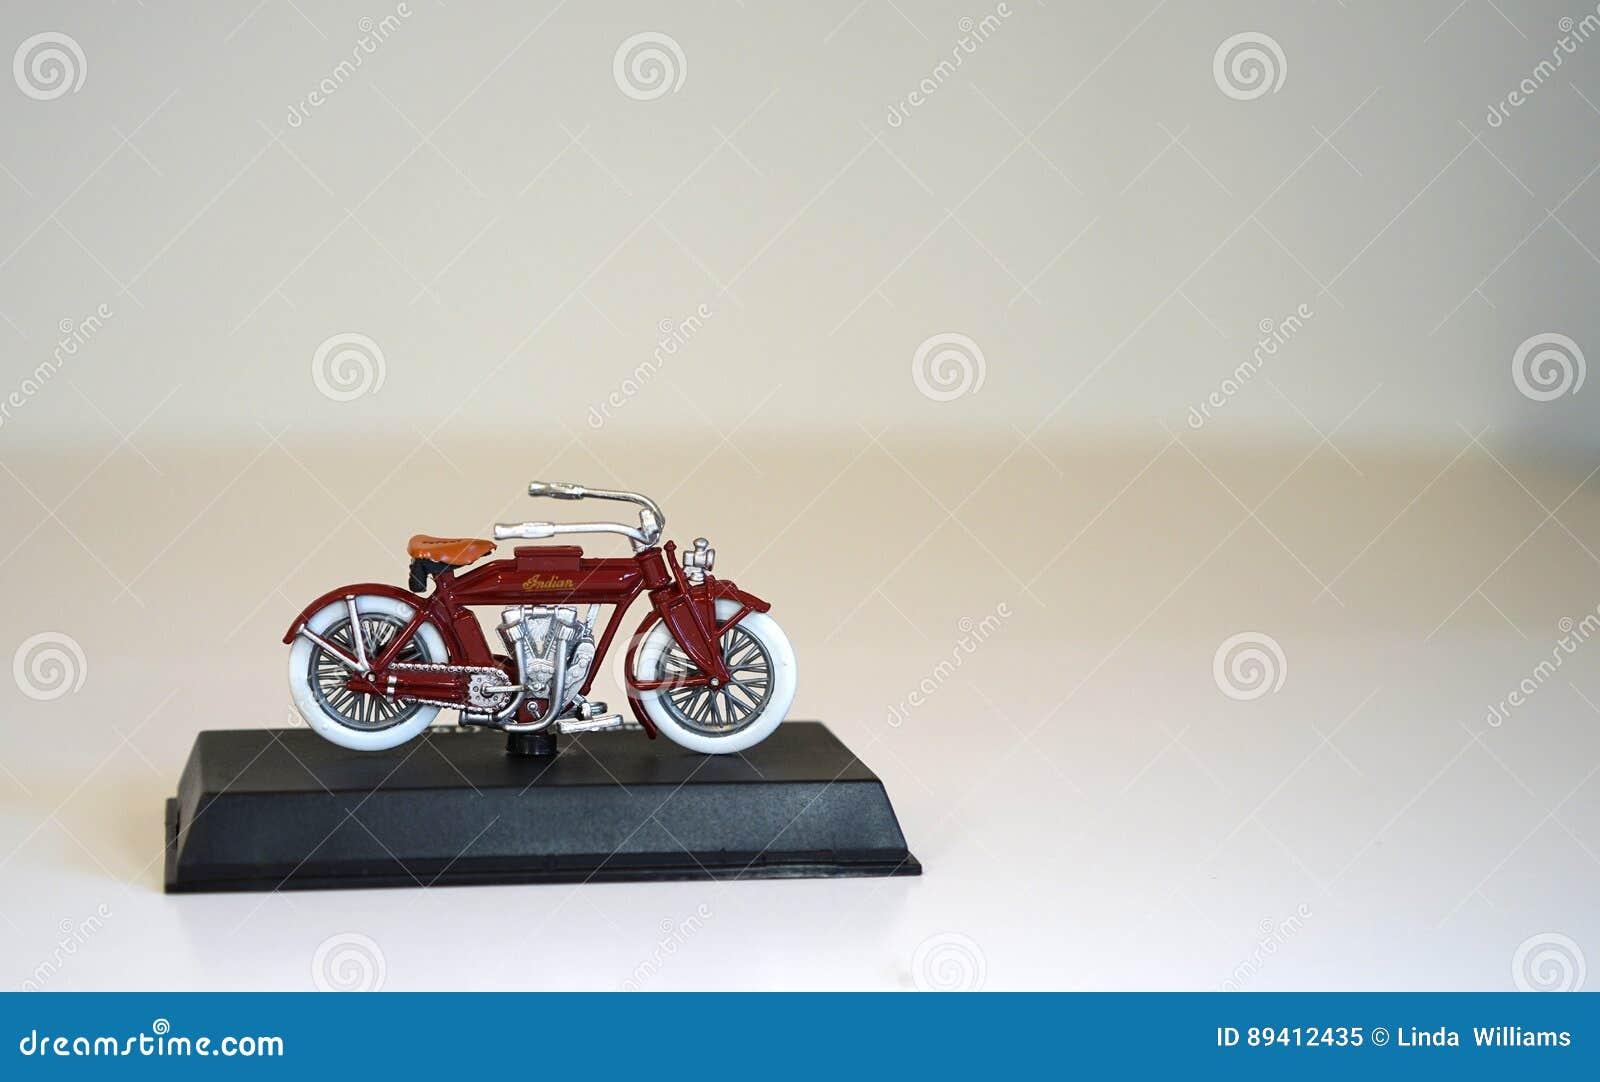 Modelo à escala - motocicleta indiana